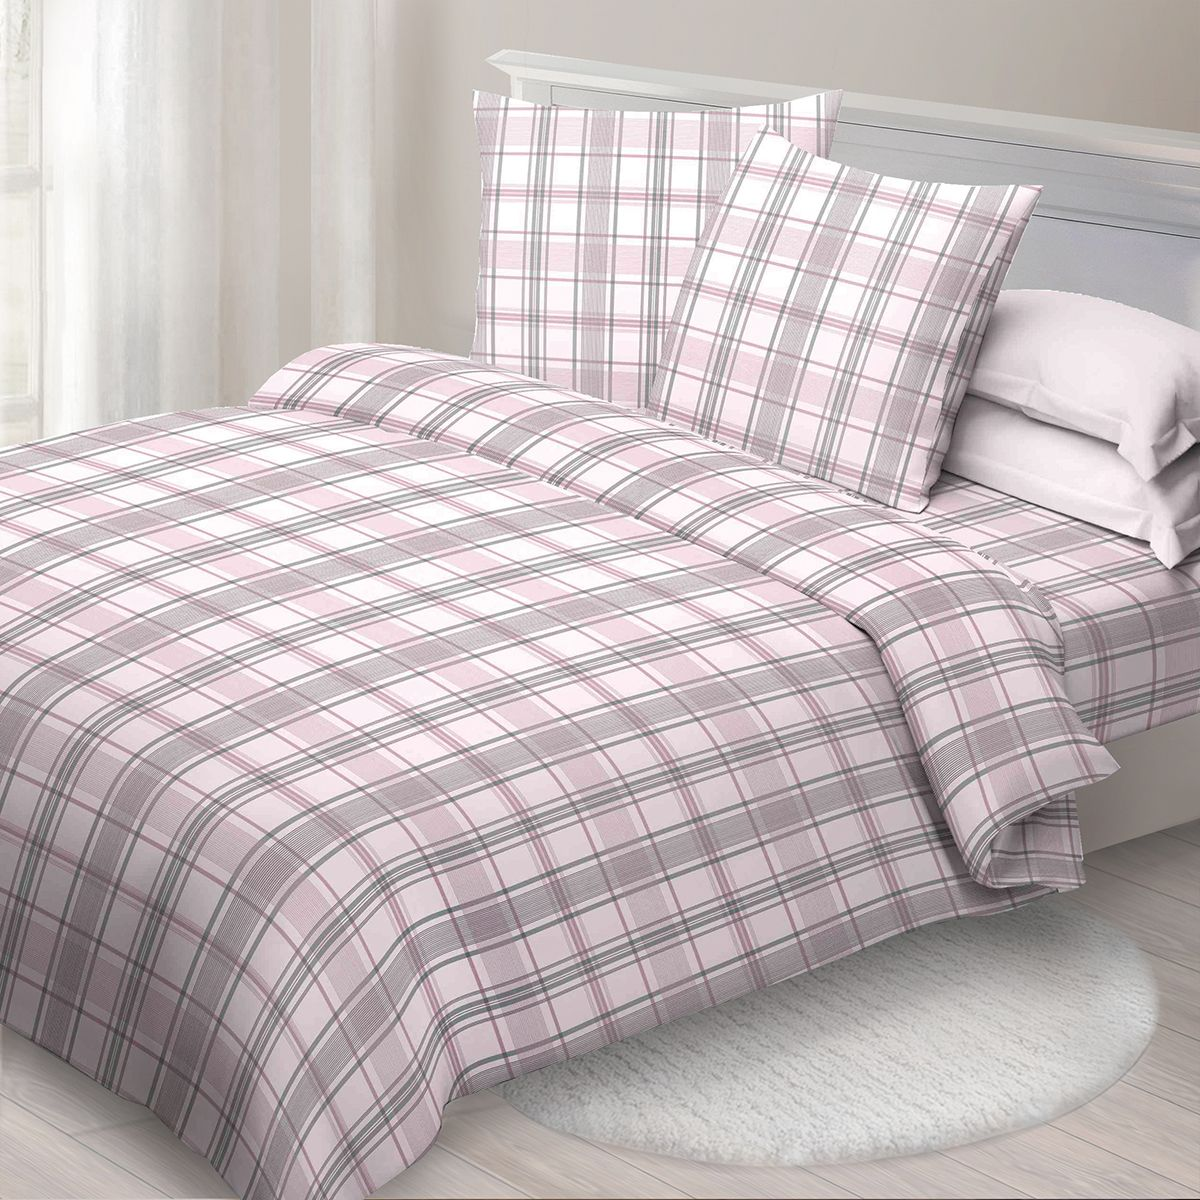 Комплект белья Спал Спалыч Ричард, 1,5-спальный, наволочки 70х70. 91323 комплект постельного белья 1 5 спал спалыч рис 4084 1 карамель